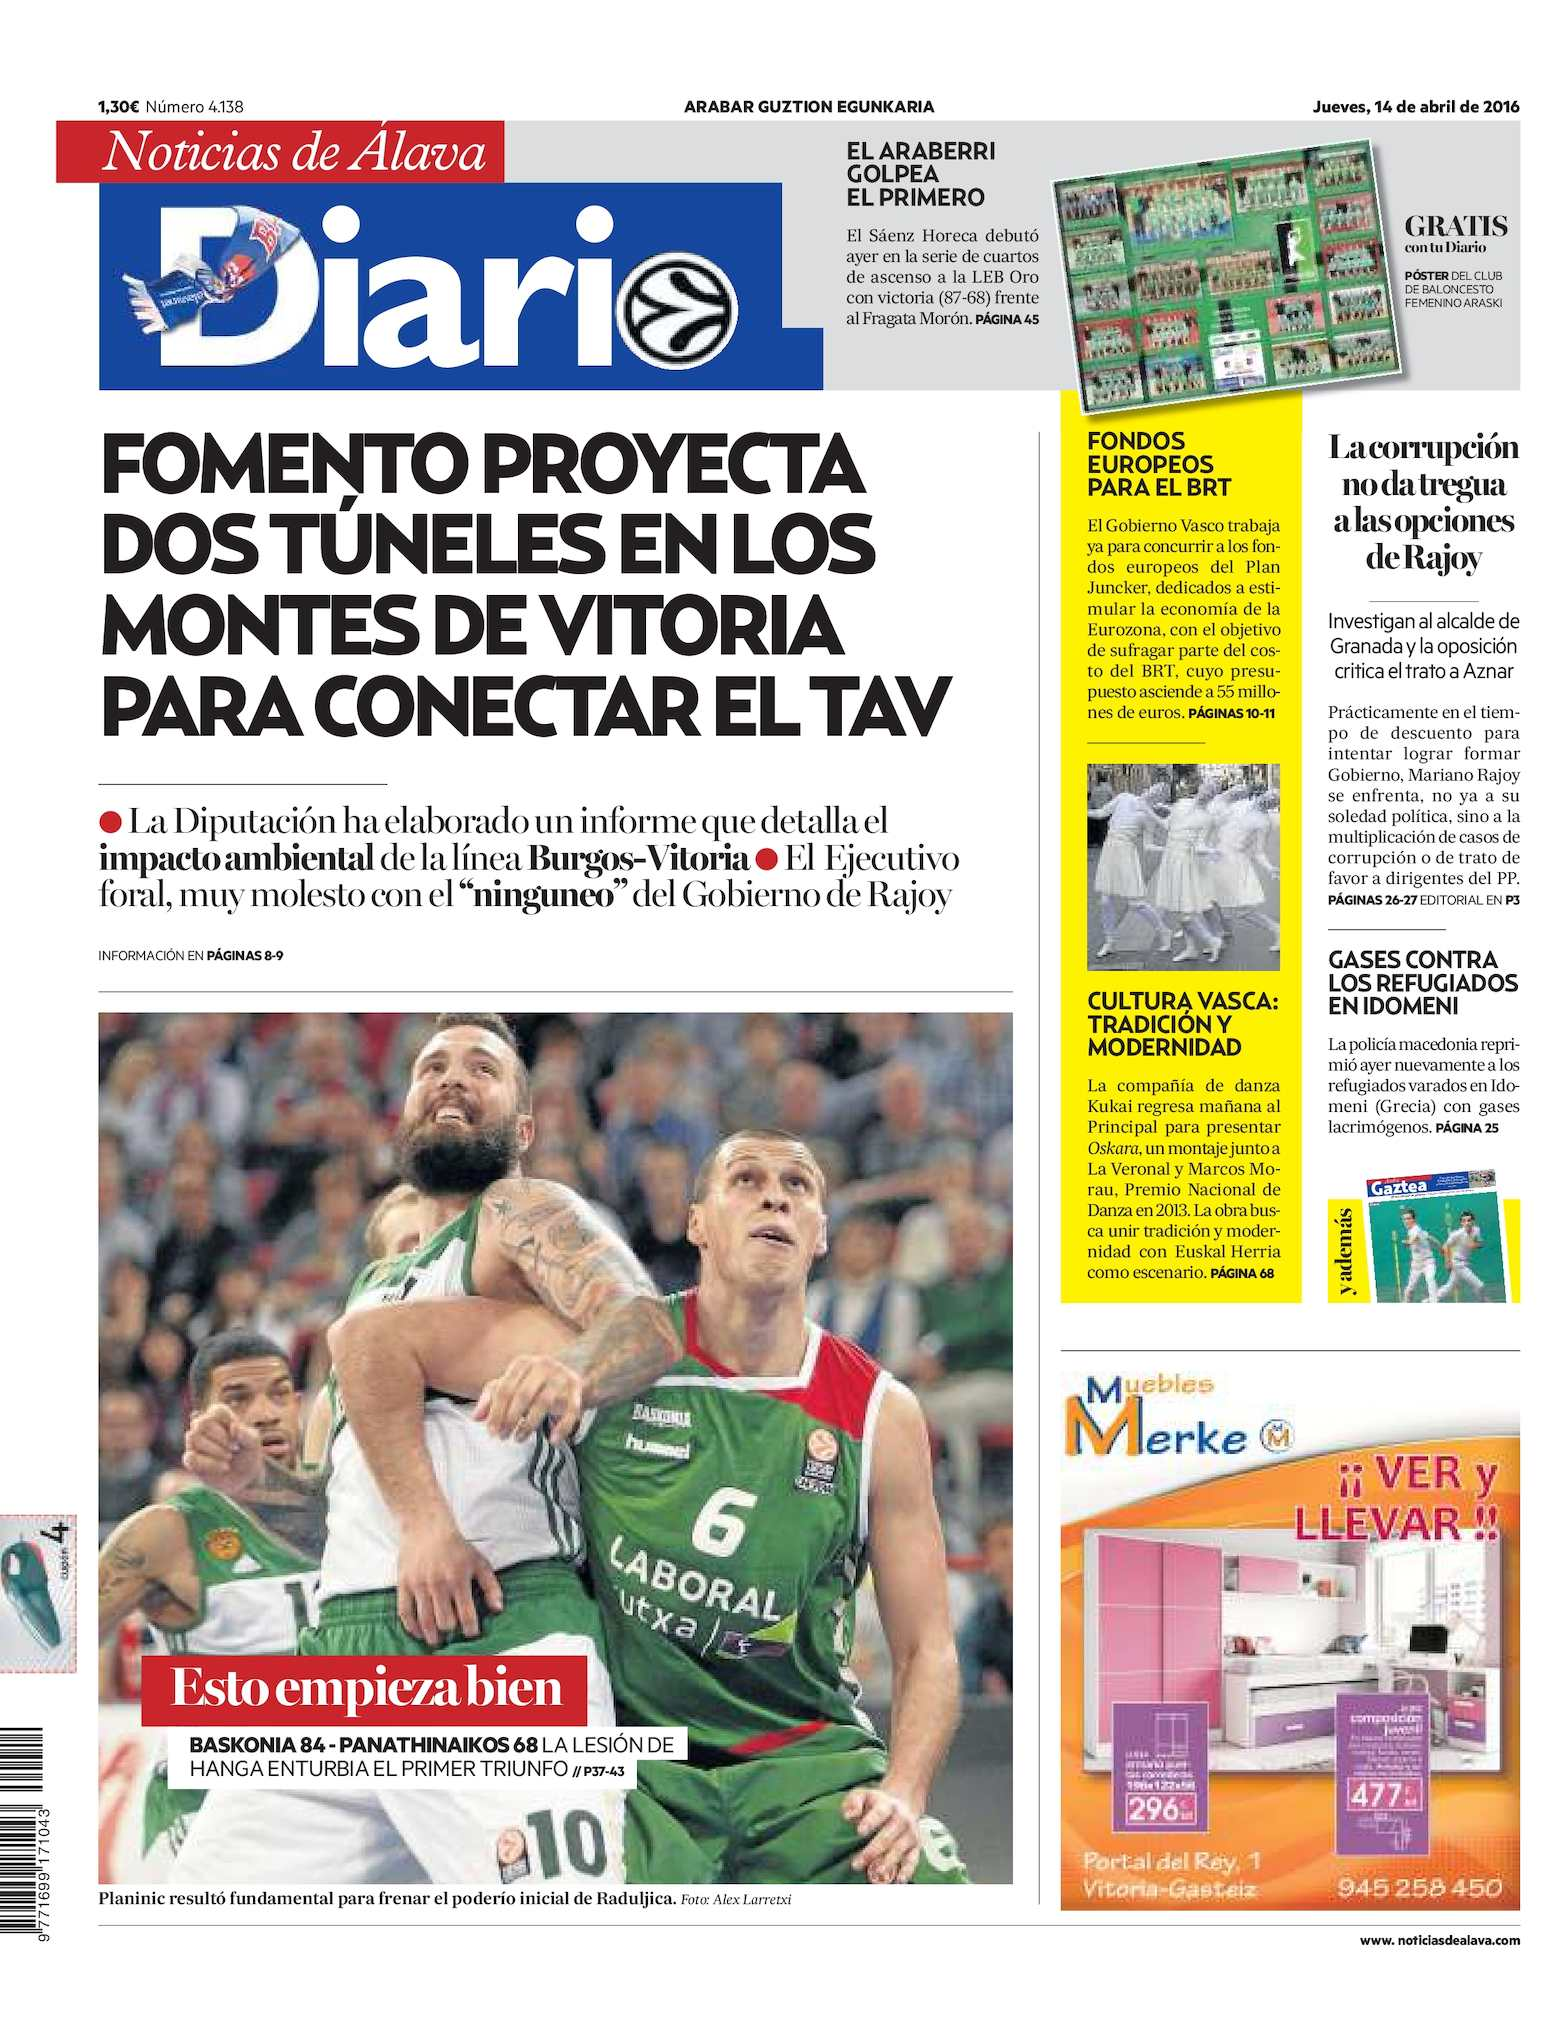 Diario Noticias Álava 20160414 Calaméo De eCxBdro